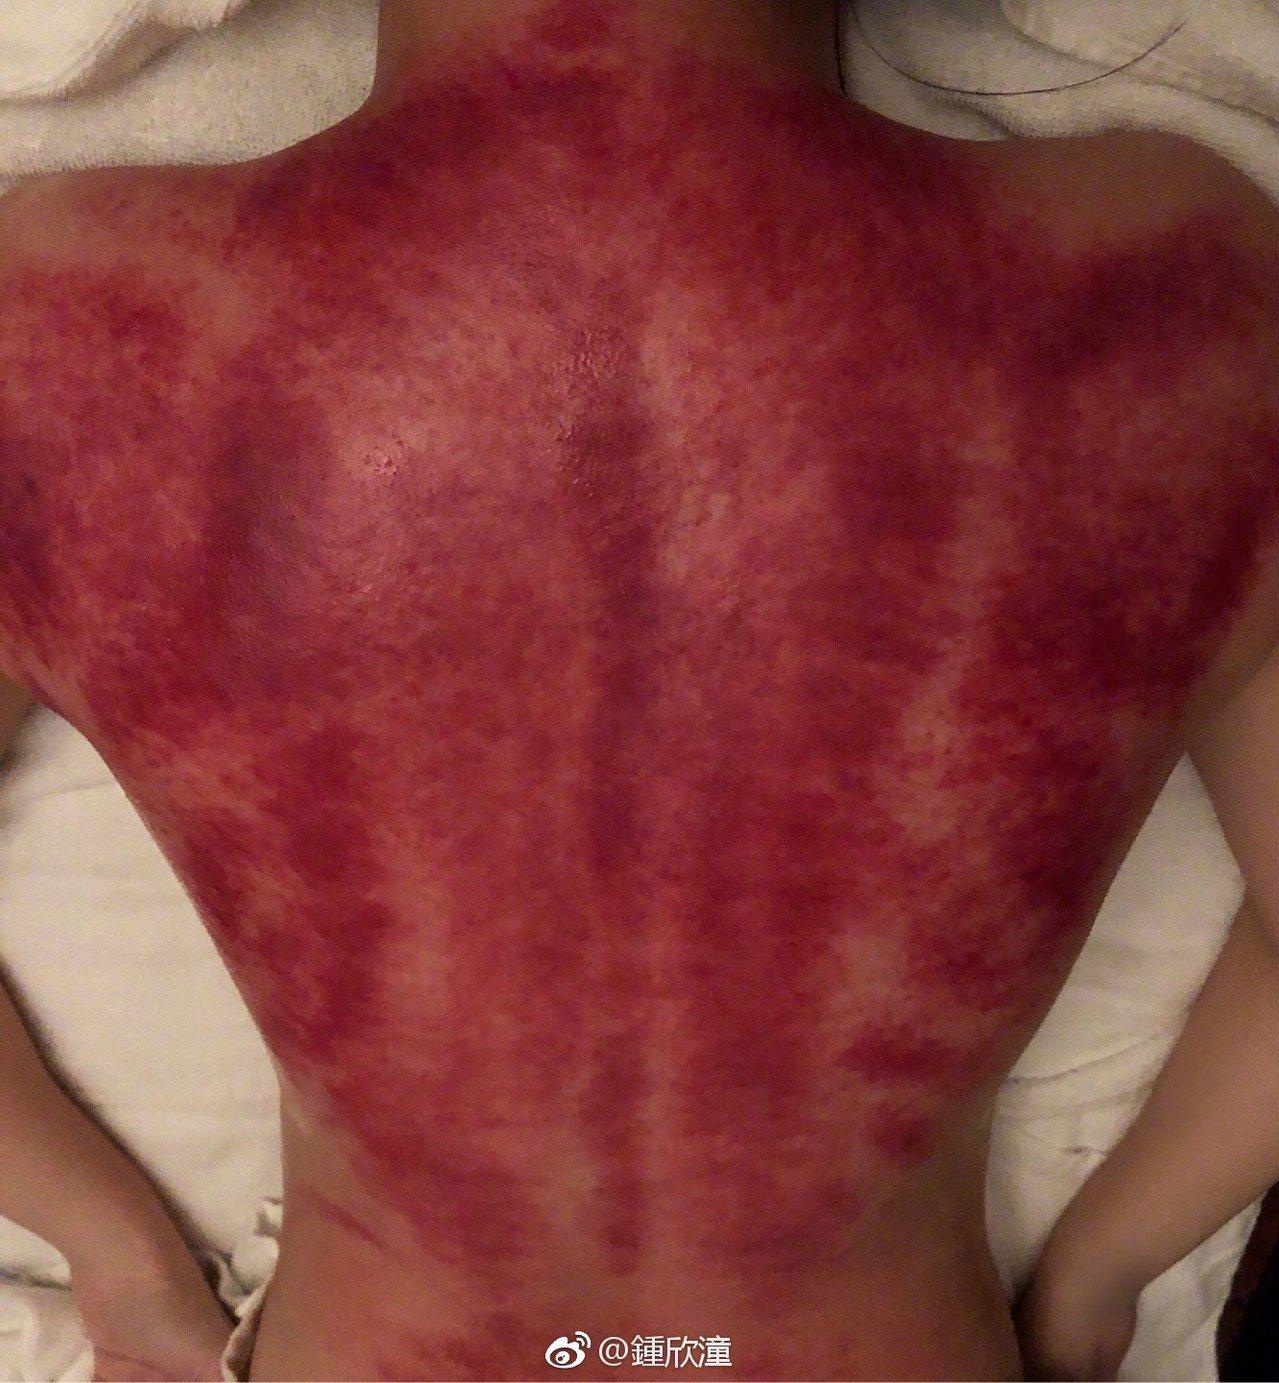 阿嬌刮痧背部紅到嚇人。圖/擷自微博